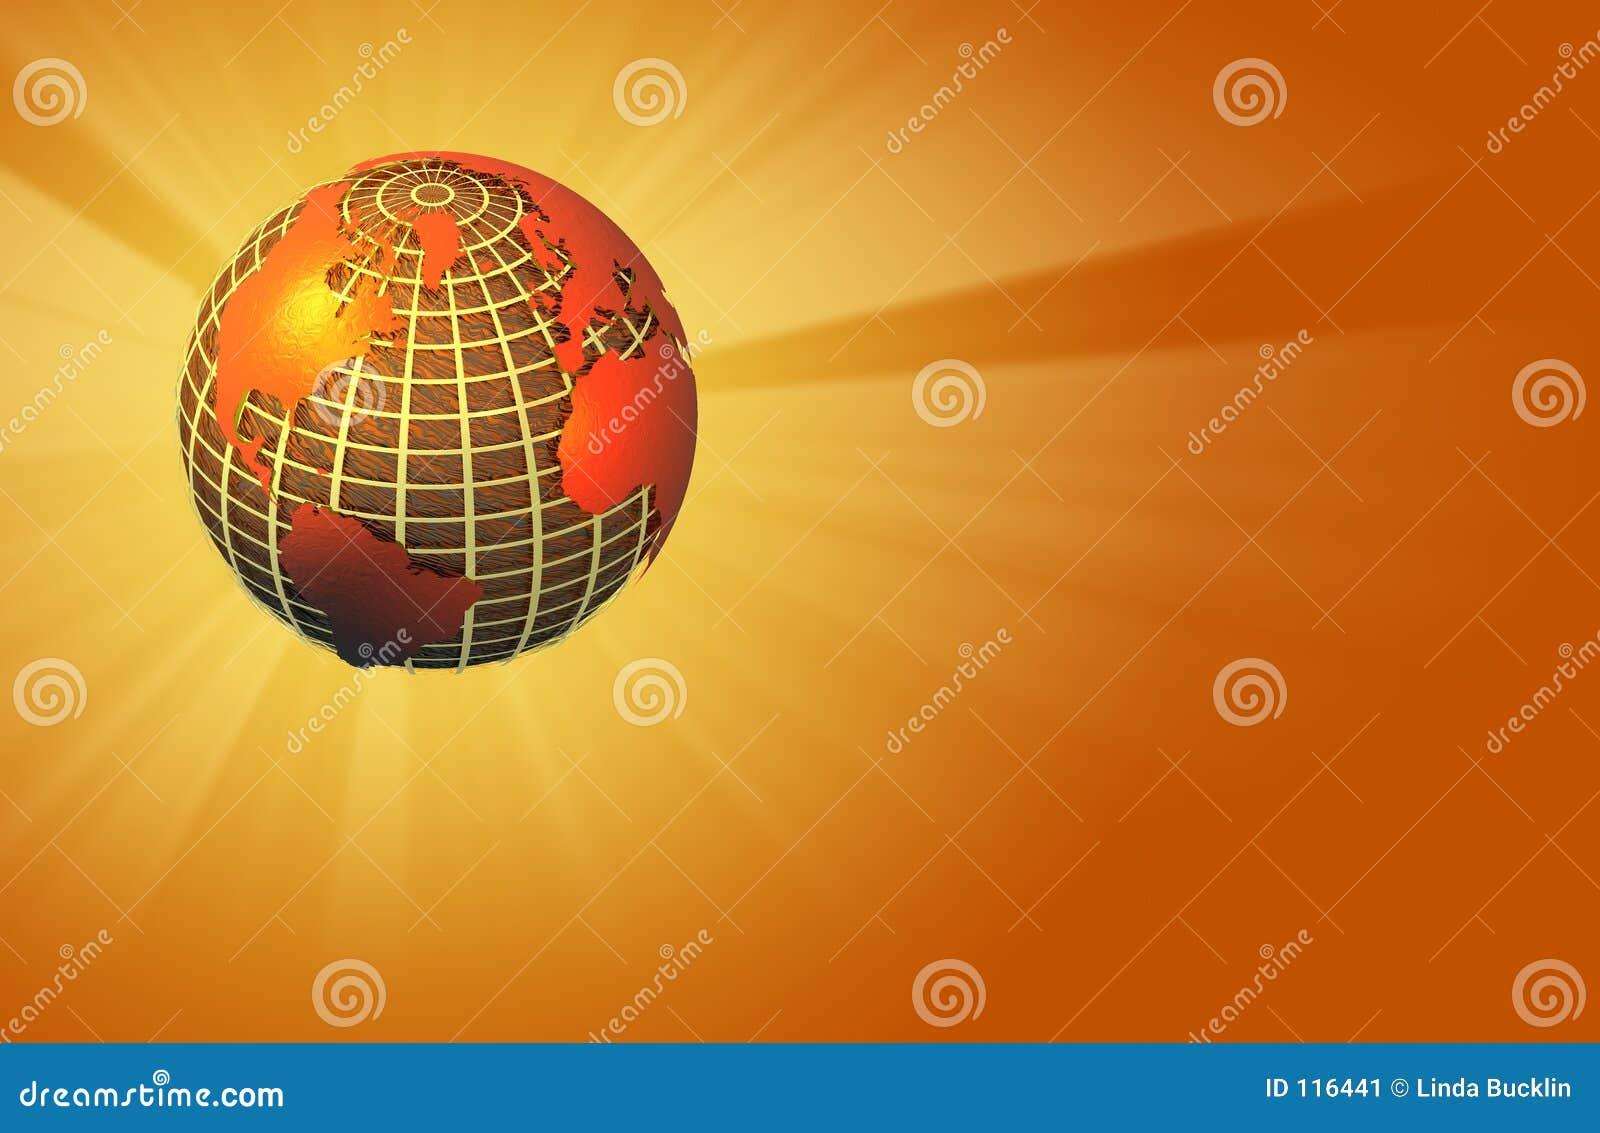 Erde, die Leuchte ausstrahlt - wärmen Sie sich - linke Lagebestimmung